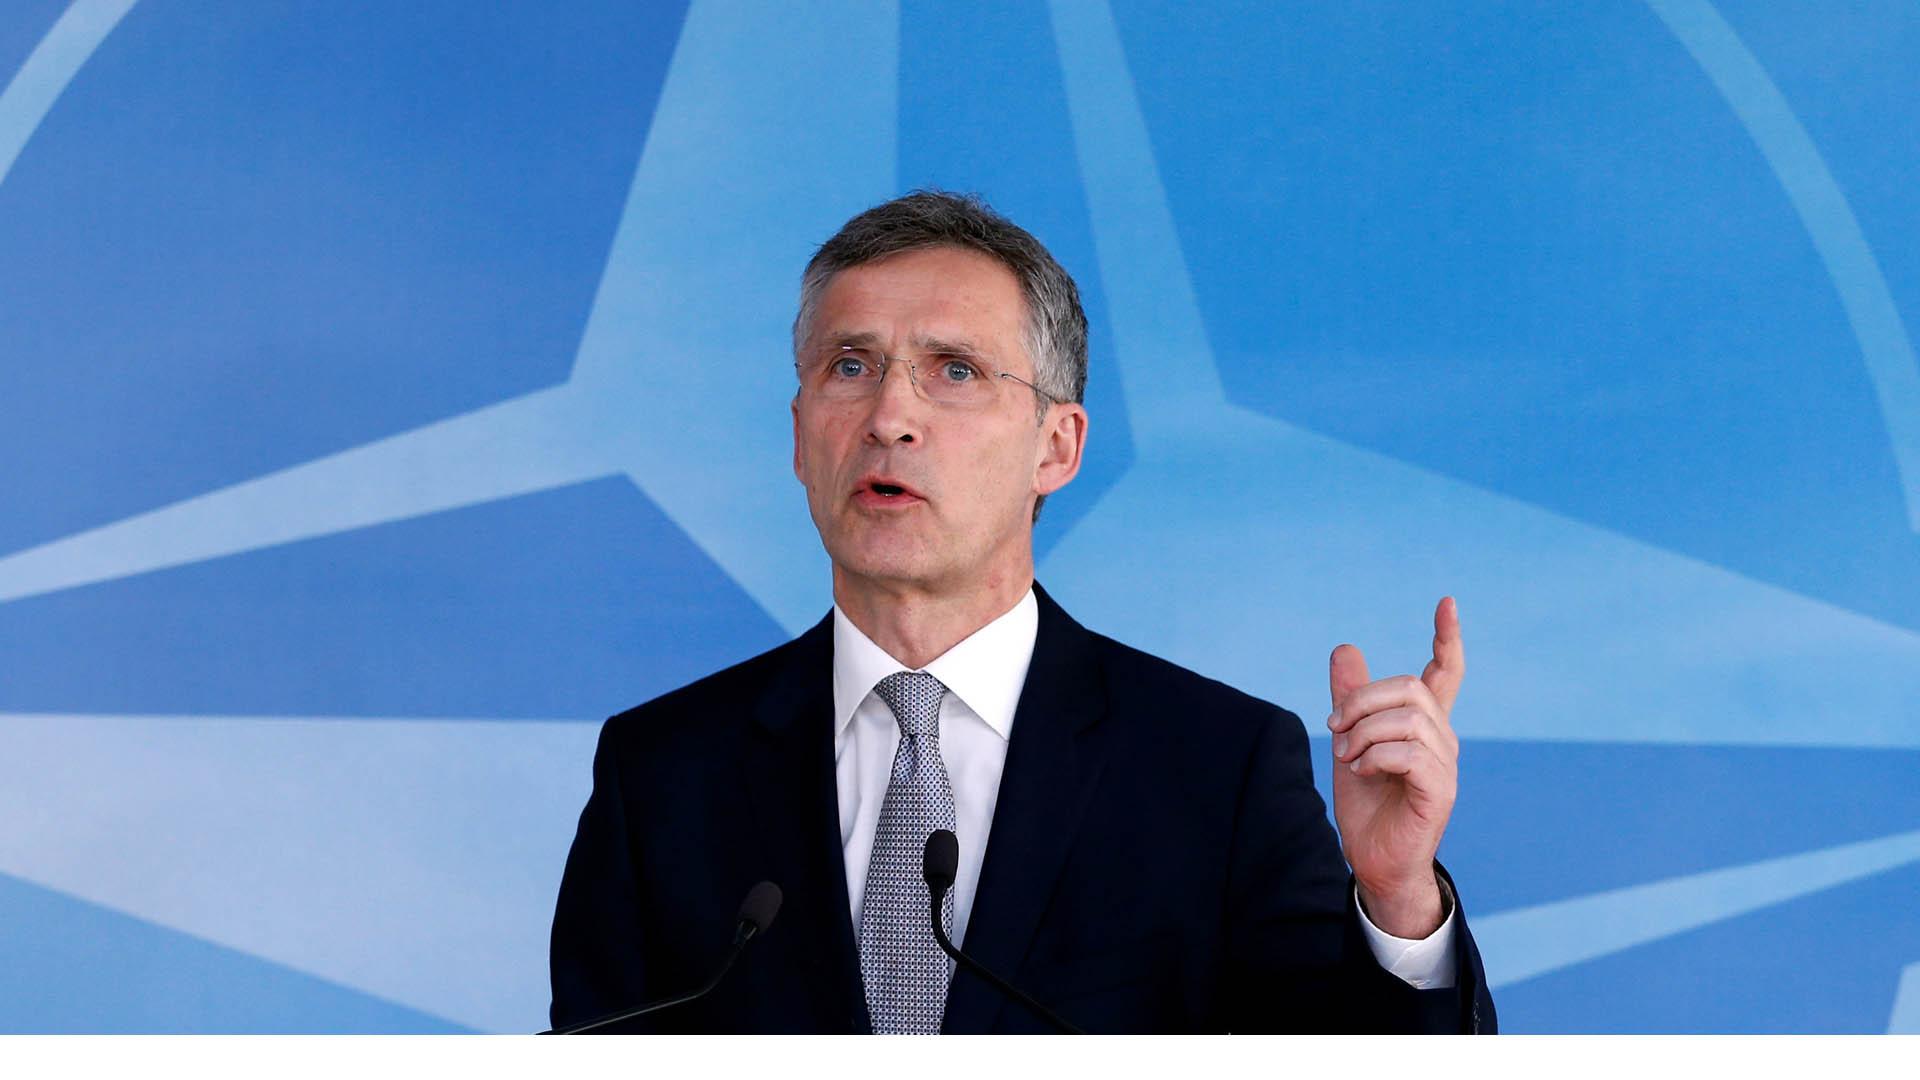 La suspensión de las conversaciones se dio por la anexión de la península ucraniana de Crimea en 2014